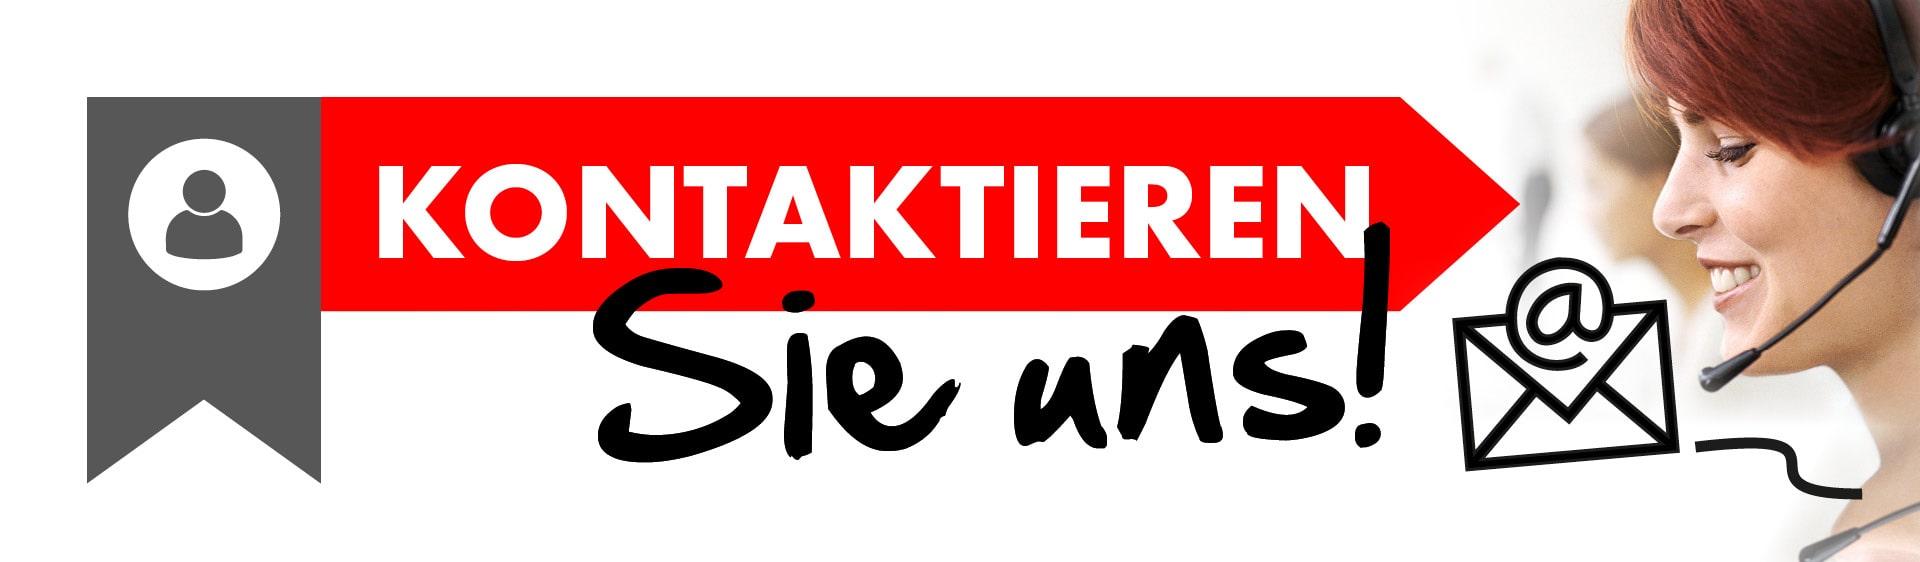 Arenz_DKP_WEB-Banner_Kontakt_2_20